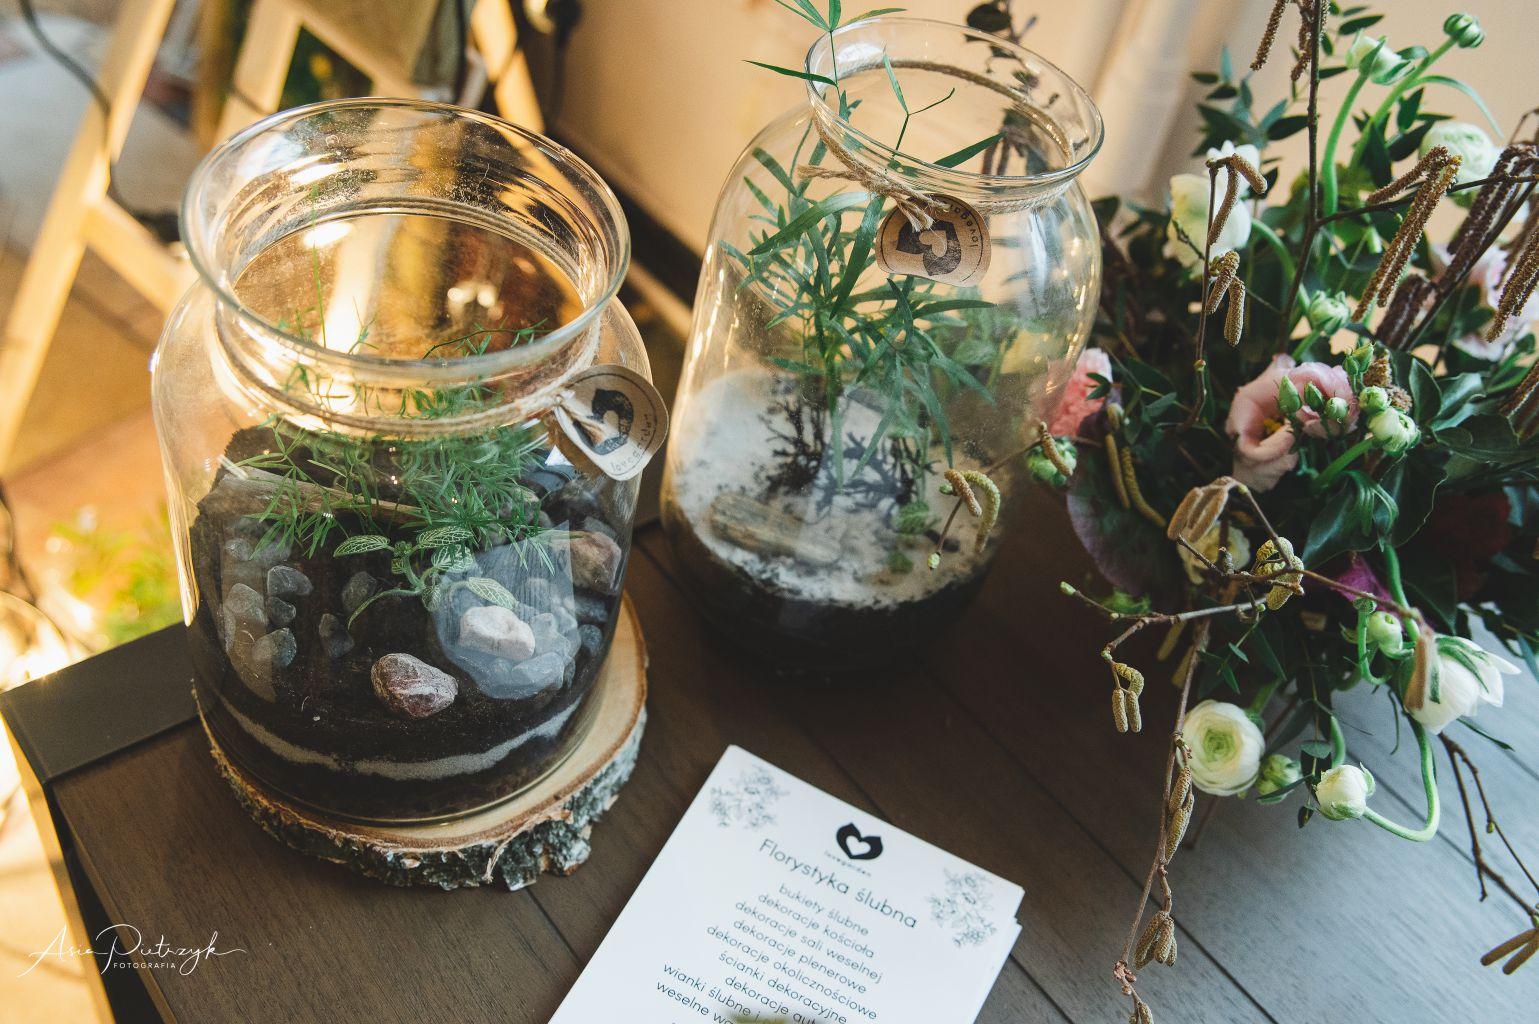 Lovegarden pracownia florystyczna - lasy w słoikach